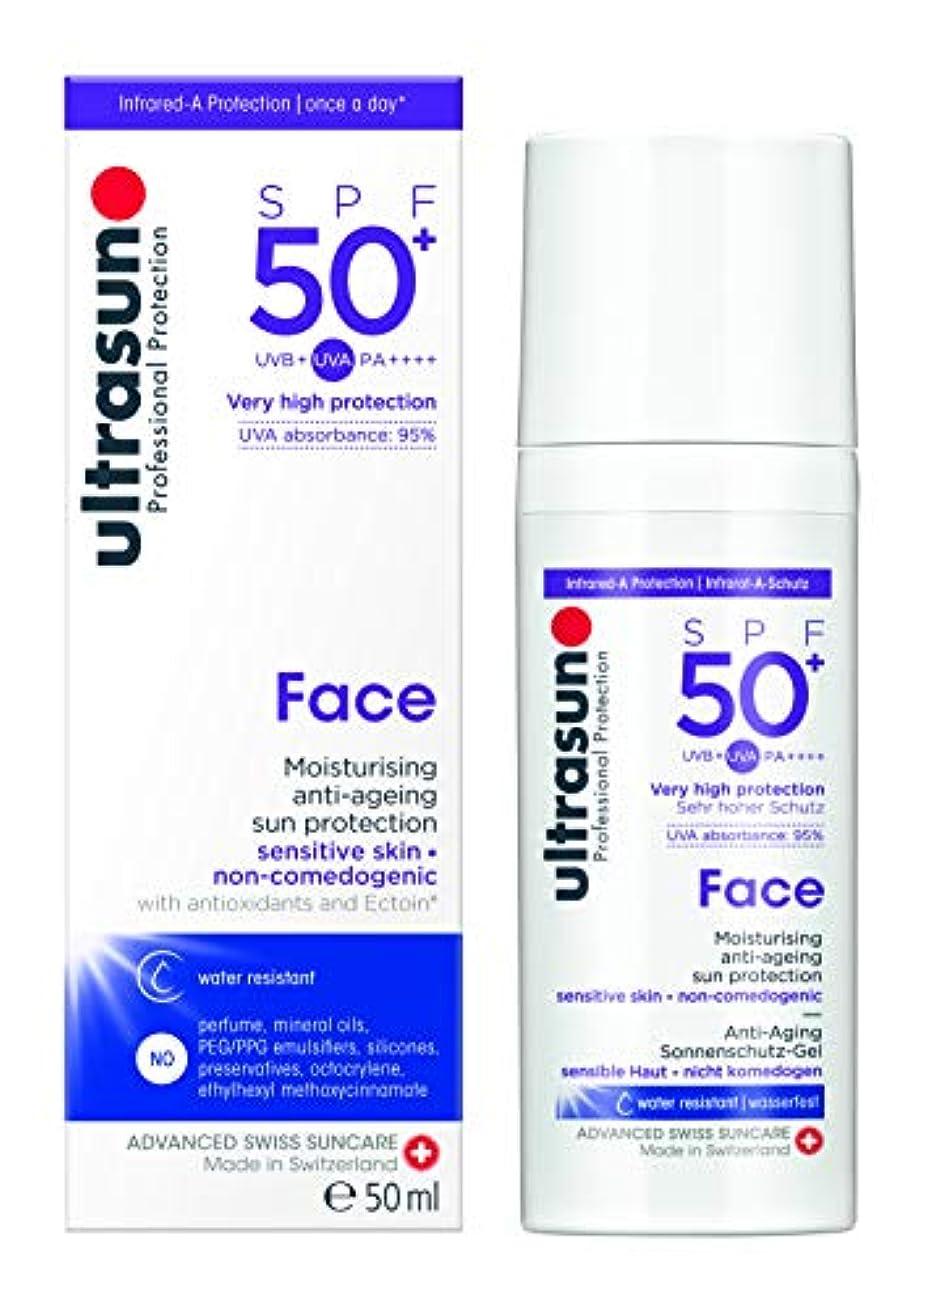 入札新聞不正直アルトラサン 日やけ止めクリーム フェイス UV 敏感肌用 SPF50+ PA++++ トリプルプロテクション 50mL